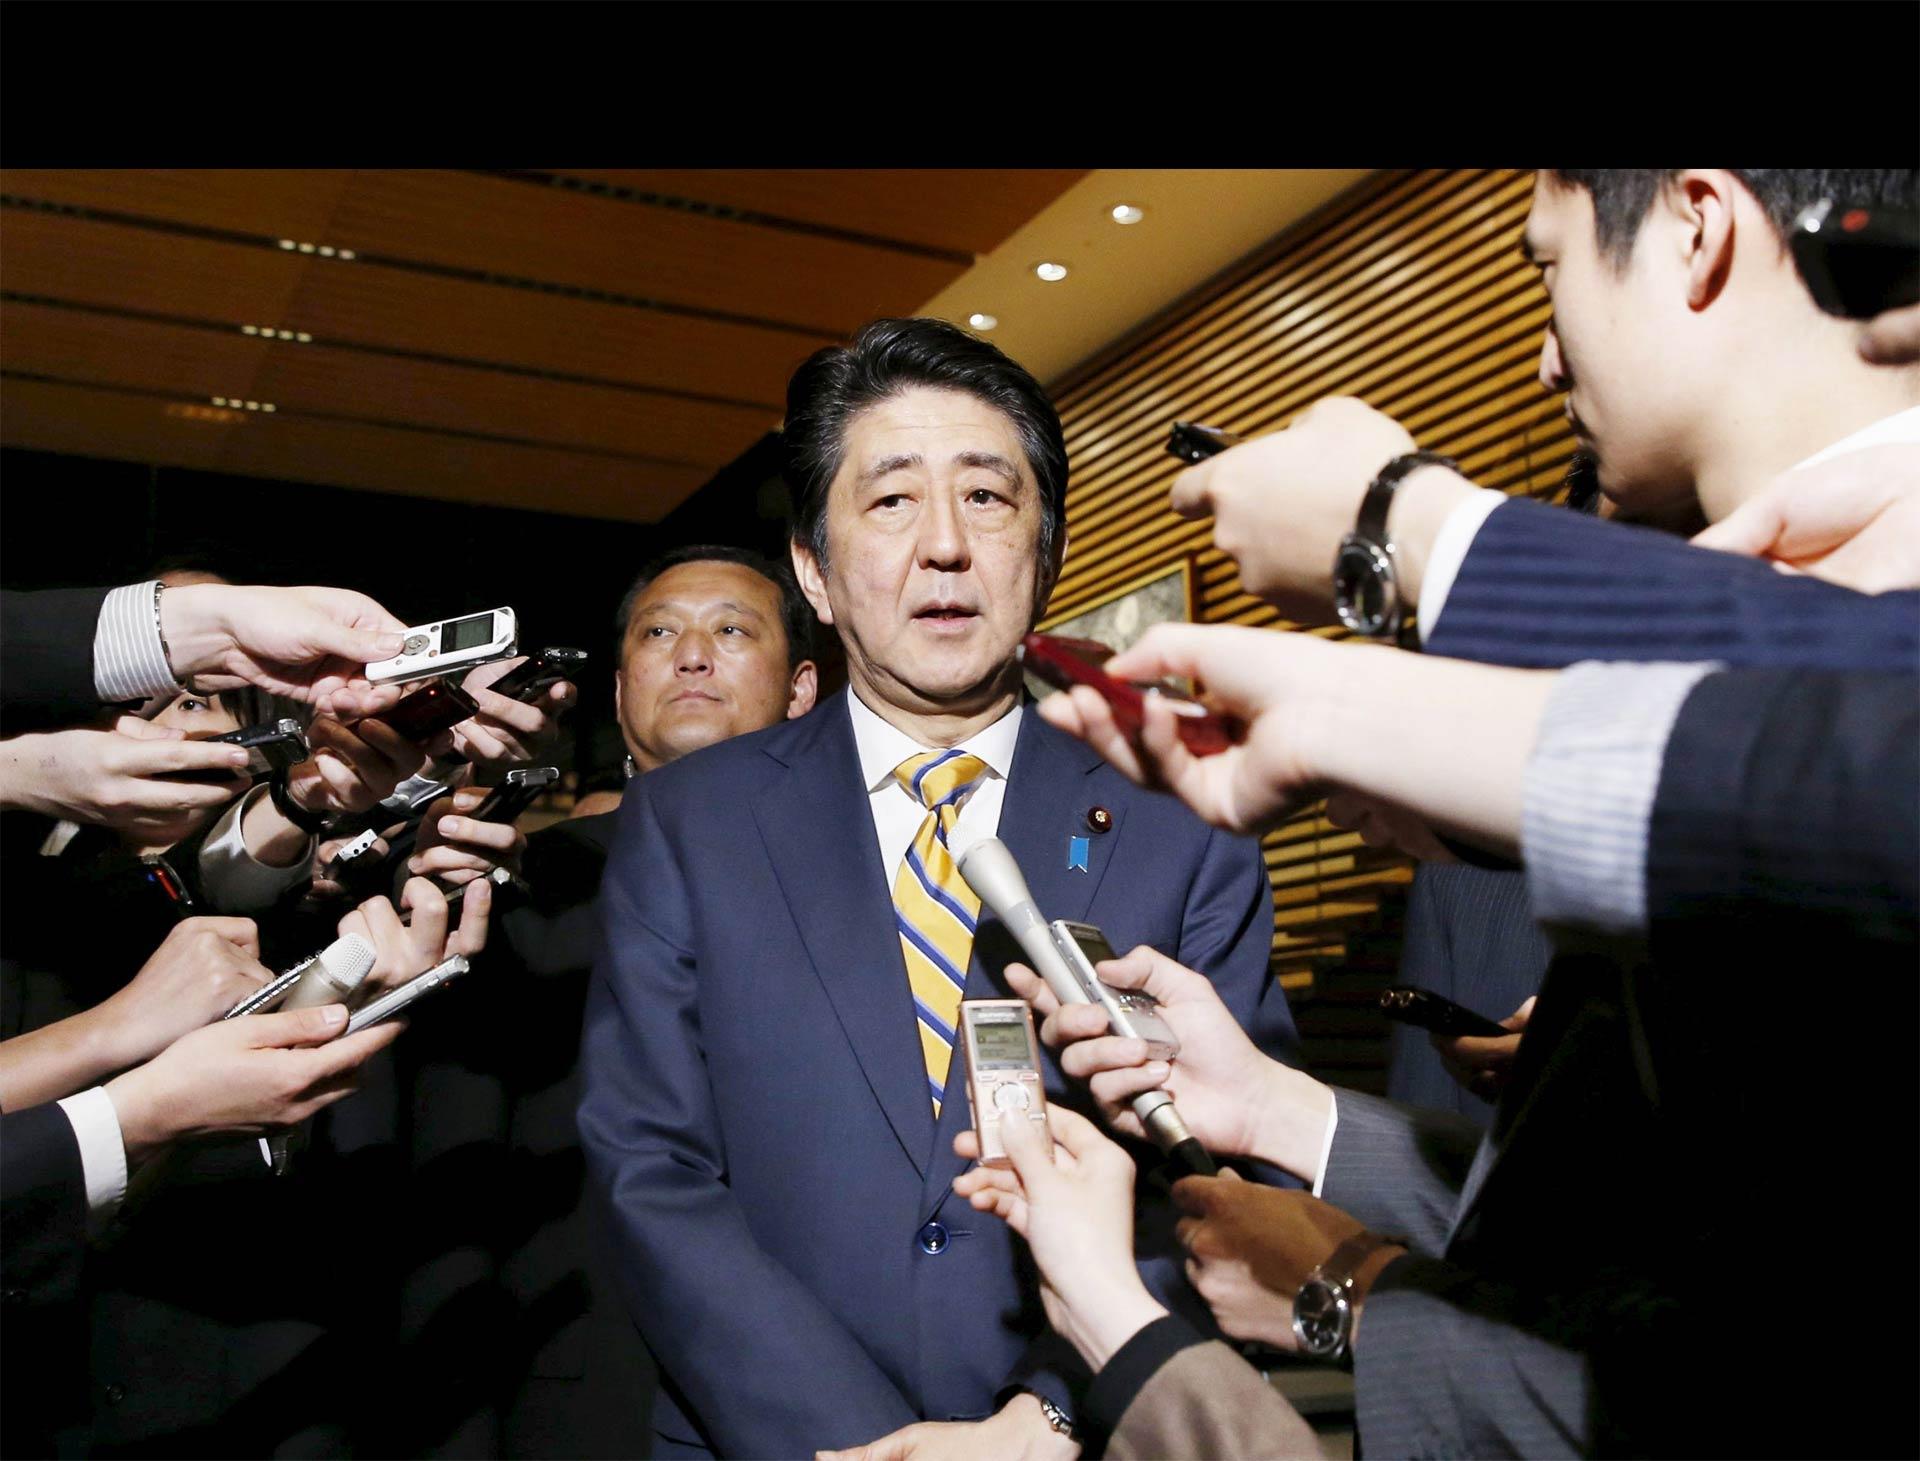 Así lo manifestó el primer ministro japonés, quien organizará la próxima reunión de las potencias mundiales